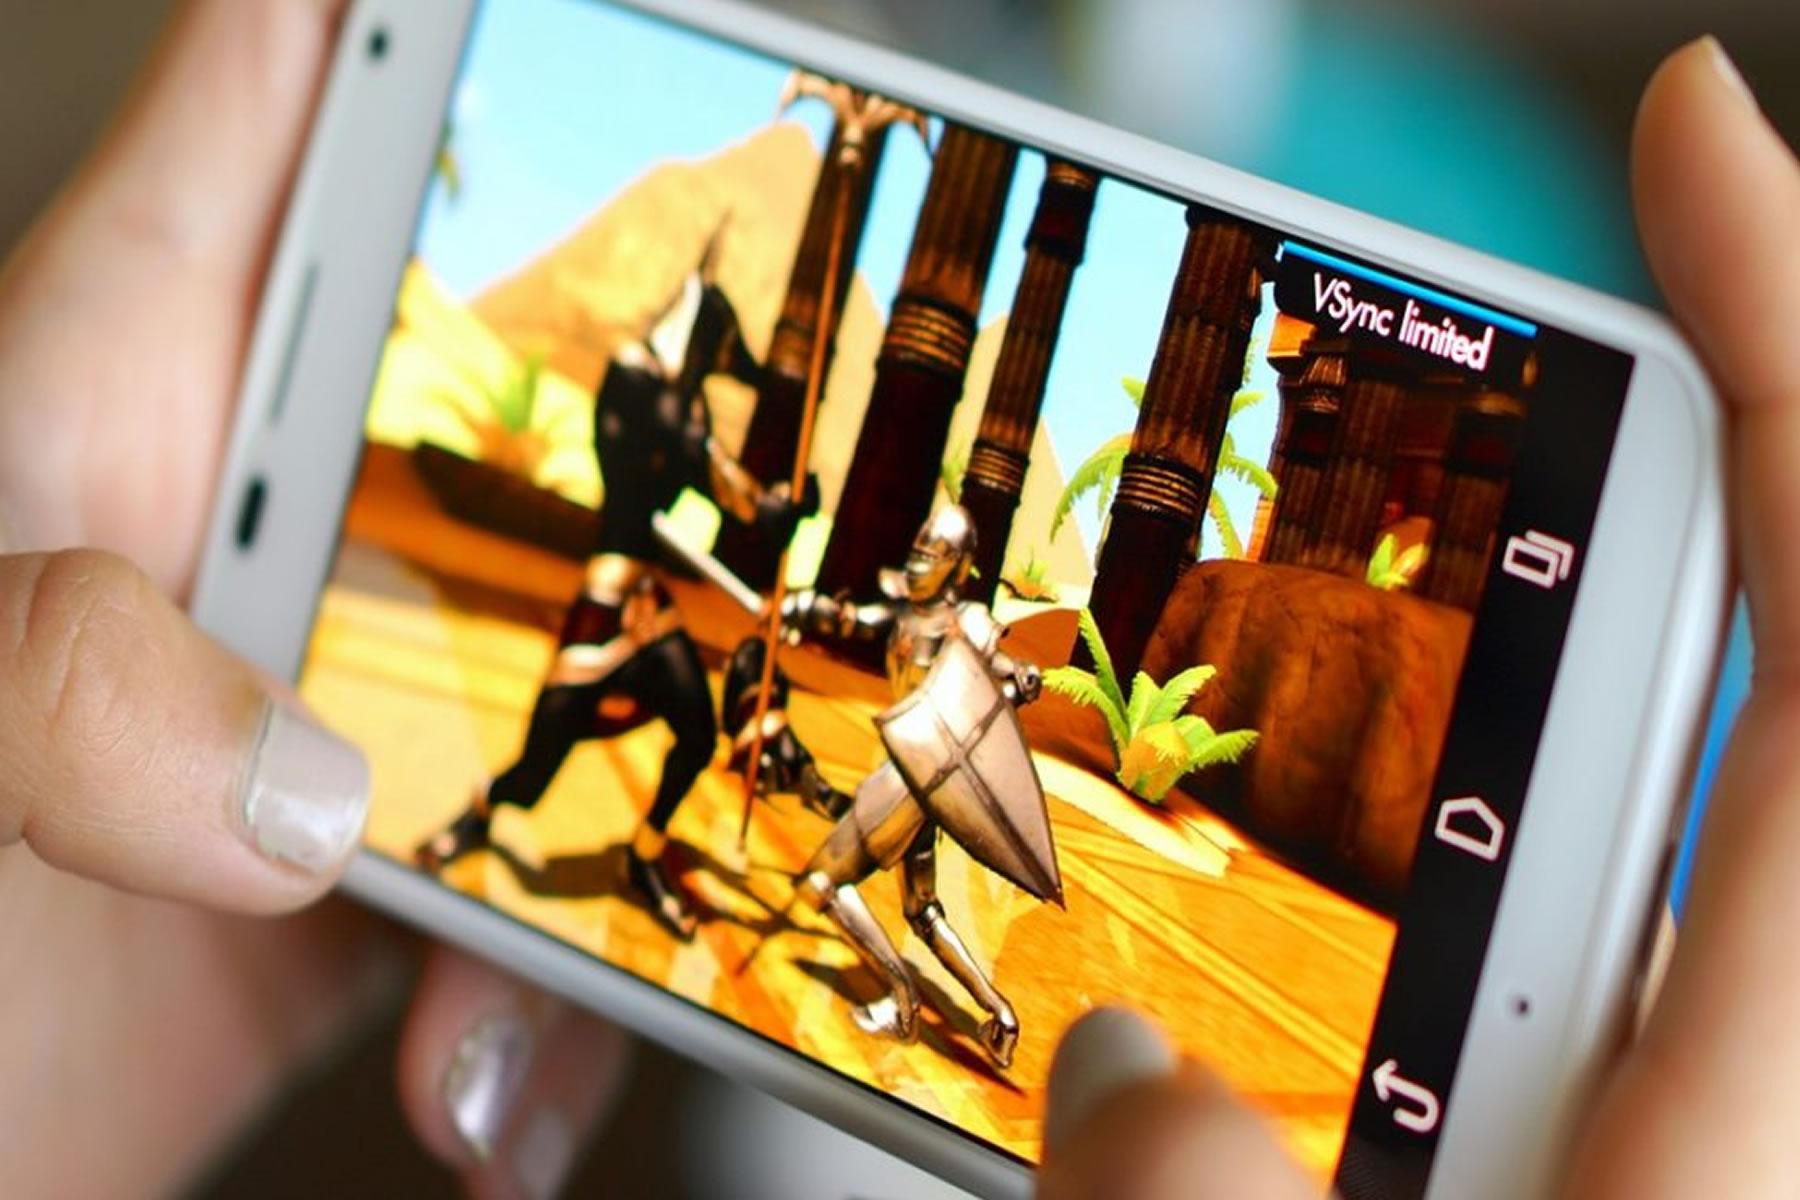 Los Mejores 5 Juegos Gratis Para Android Que Estan De Moda